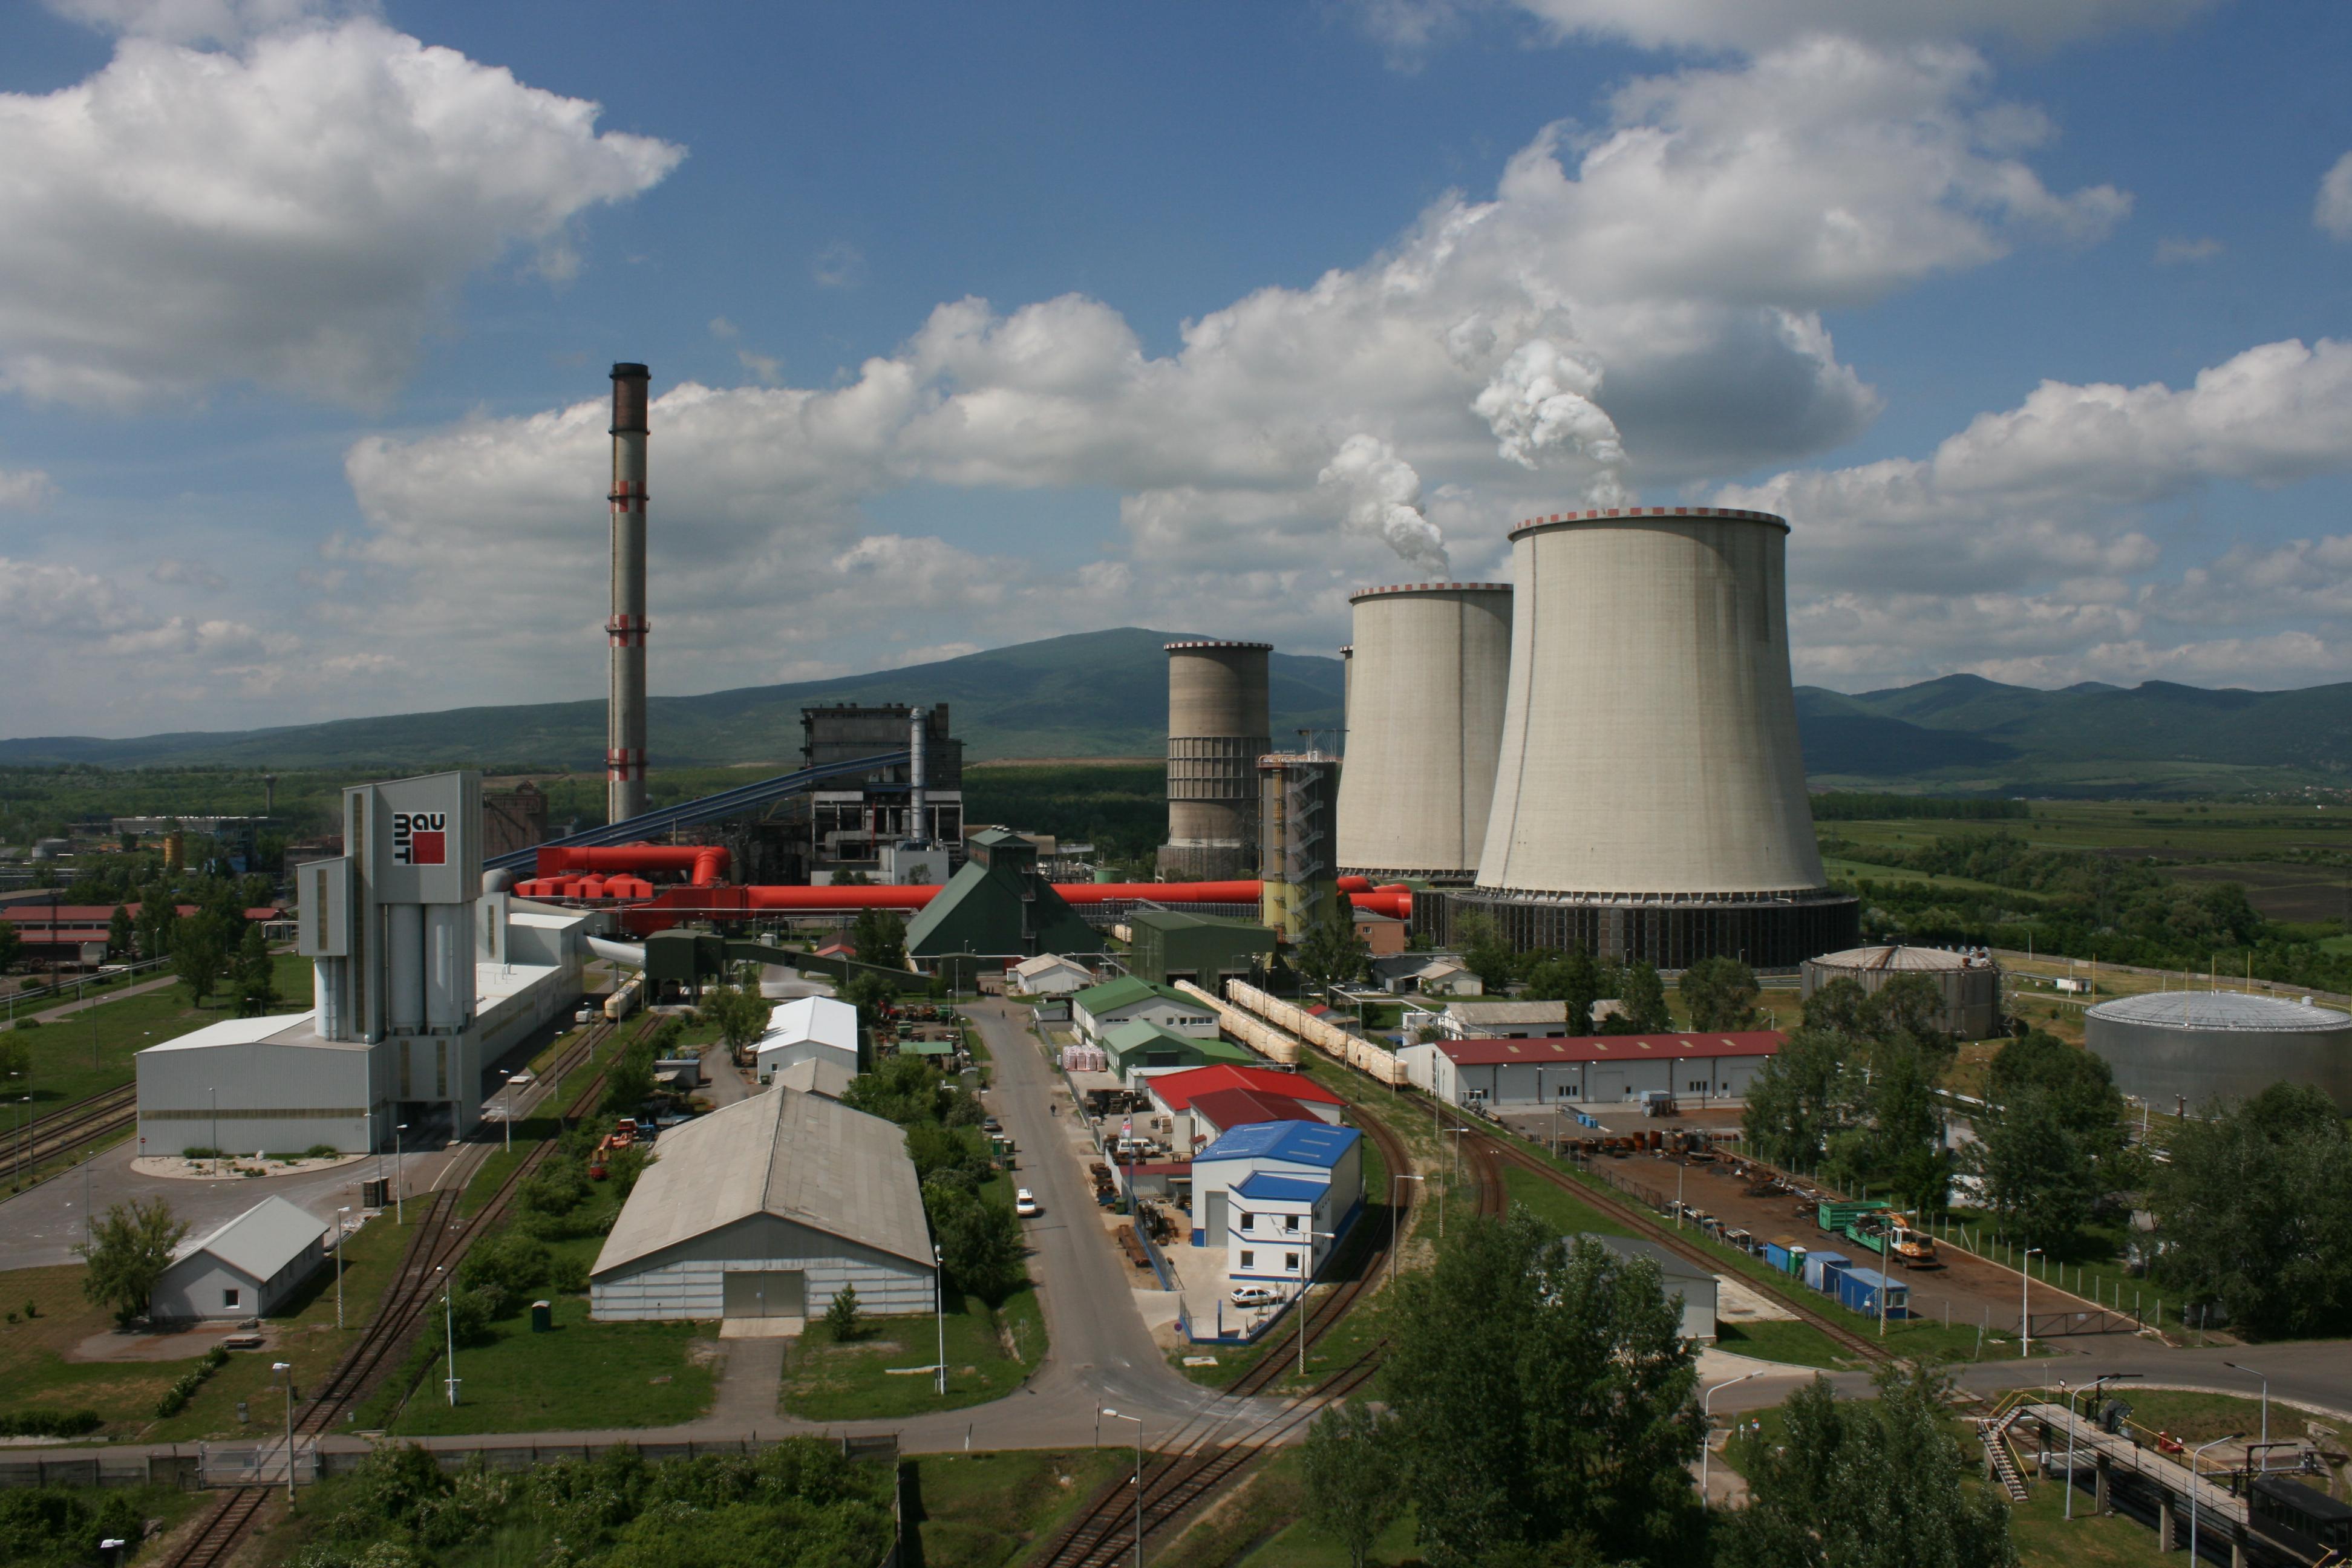 A visontai hőerőmű távlati képe.  Forrás: mert.hu